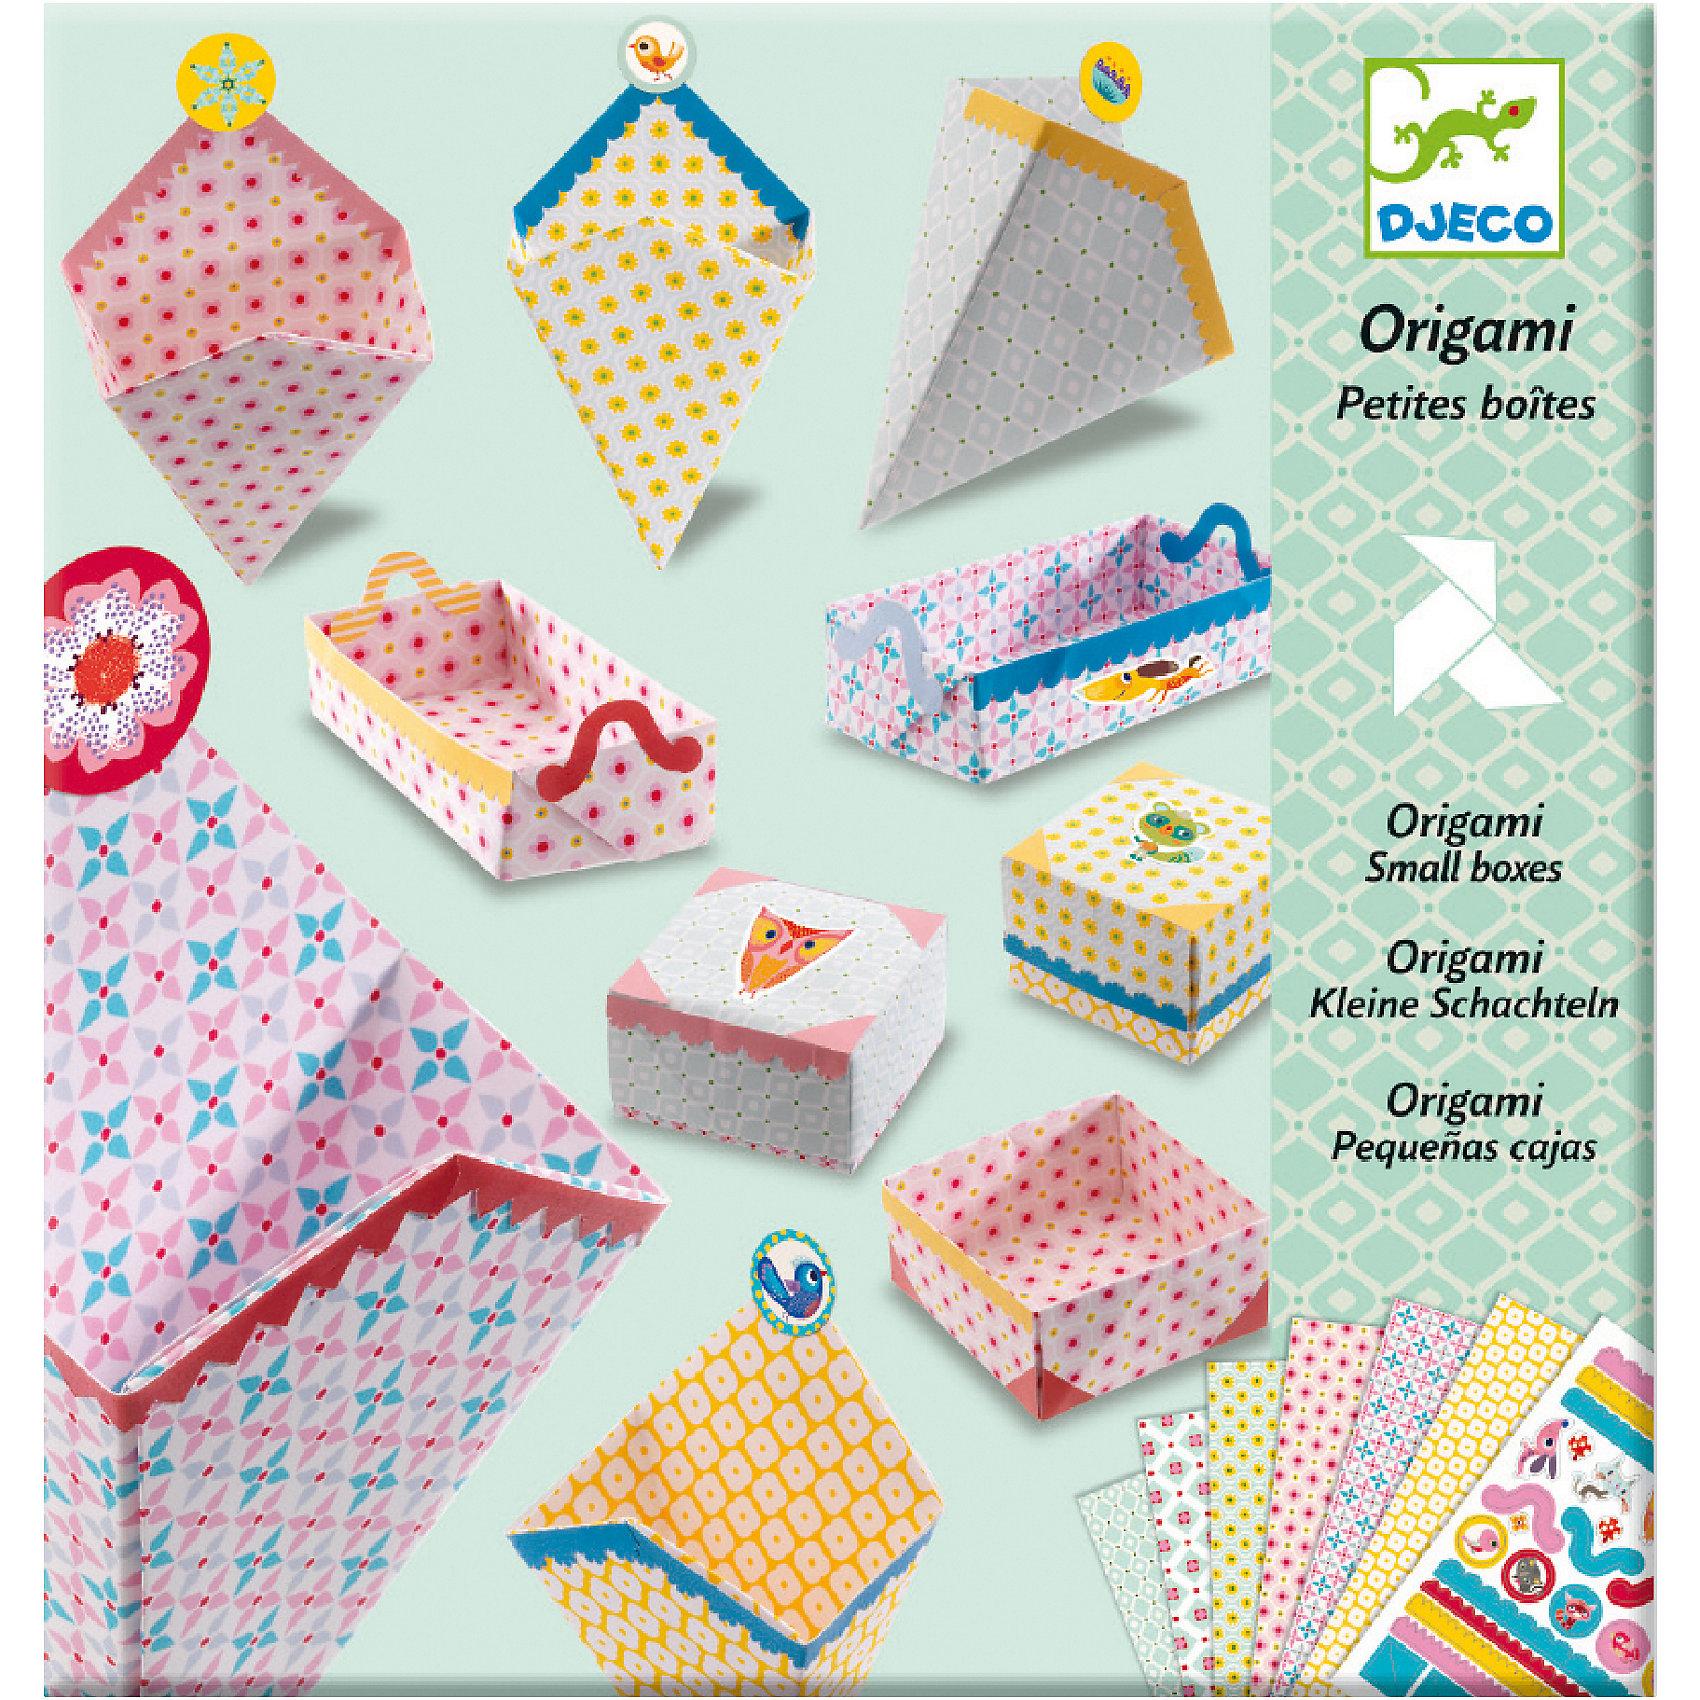 Оригами Маленькие коробочкиОригами Маленькие коробочки – это прекрасный набор для детского творчества.<br>С помощью очаровательного набора для творчества Маленькие коробочки от французского бренда Djeco (Джеко) ребенок научится складывать в технике оригами симпатичные коробочки. Готовые коробочки можно украсить яркими наклейками по своему вкусу или по инструкции. В них можно хранить детские секретики, ленточки, резиночки, заколки. И конечно в коробочку, сделанную своими руками, можно положить подарок и преподнести его друзьям или родителям. Набор развивает в детях логическое мышление, мелкую моторику и творческие способности.<br><br>Дополнительная информация:<br><br>- В наборе: 24 листа с орнаментами, наклейки для украшения, пошаговая инструкция<br>- Материал: бумага<br>- Размер упаковки: 23 х 22 х 1 см.<br>- Вес: 180 гр.<br><br>Оригами Маленькие коробочки можно купить в нашем интернет-магазине.<br><br>Ширина мм: 230<br>Глубина мм: 220<br>Высота мм: 10<br>Вес г: 180<br>Возраст от месяцев: 84<br>Возраст до месяцев: 156<br>Пол: Унисекс<br>Возраст: Детский<br>SKU: 4305783